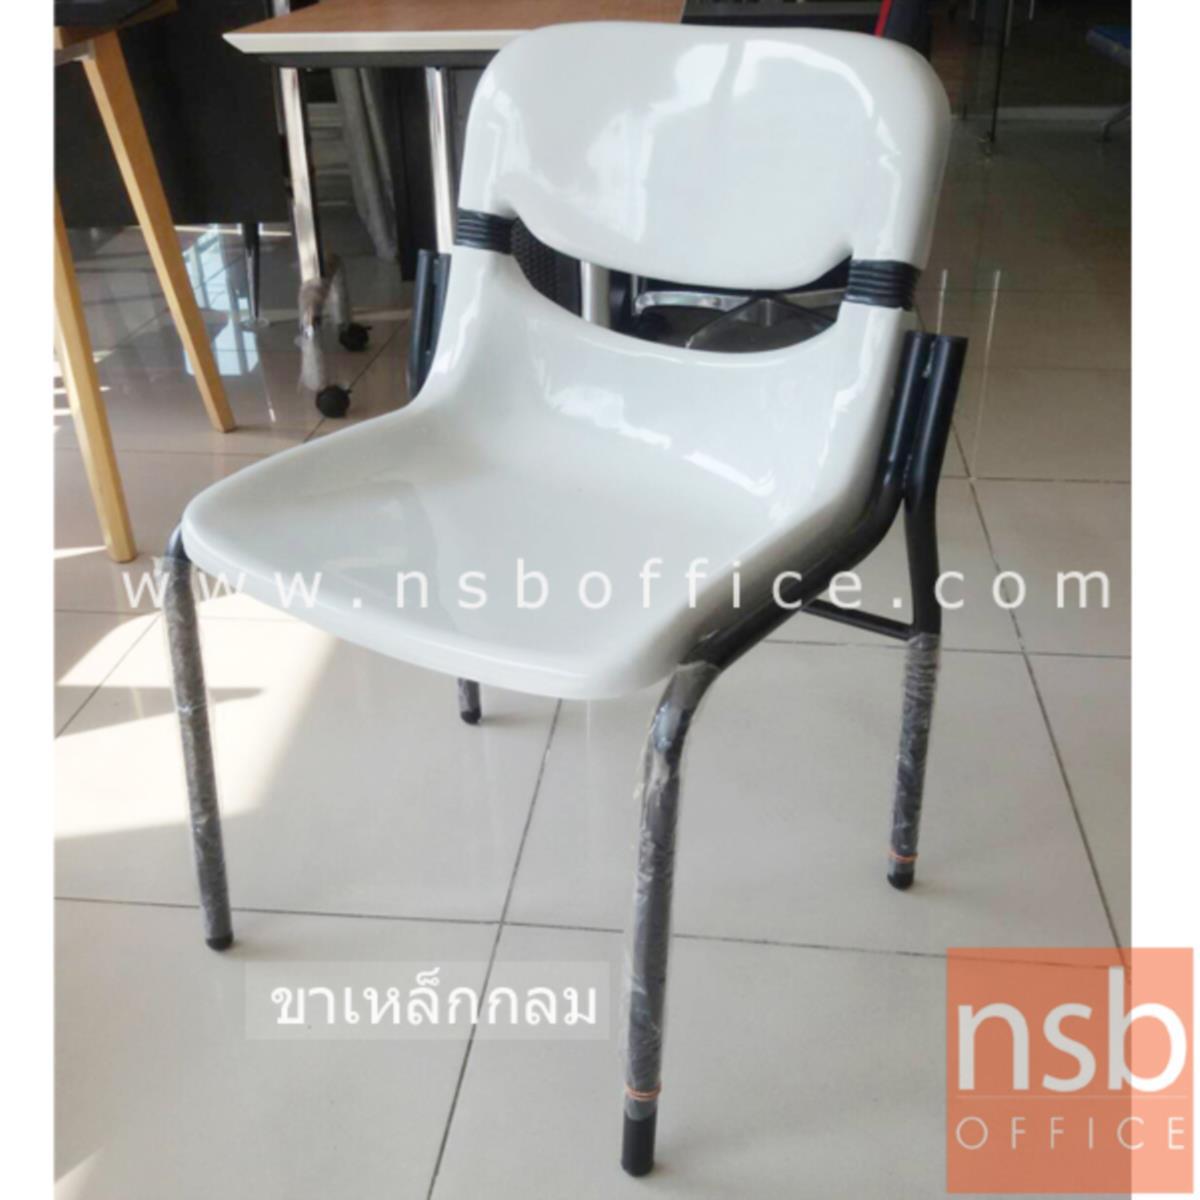 เก้าอี้อเนกประสงค์เฟรมโพลี่ รุ่น A970  ขาเหล็ก